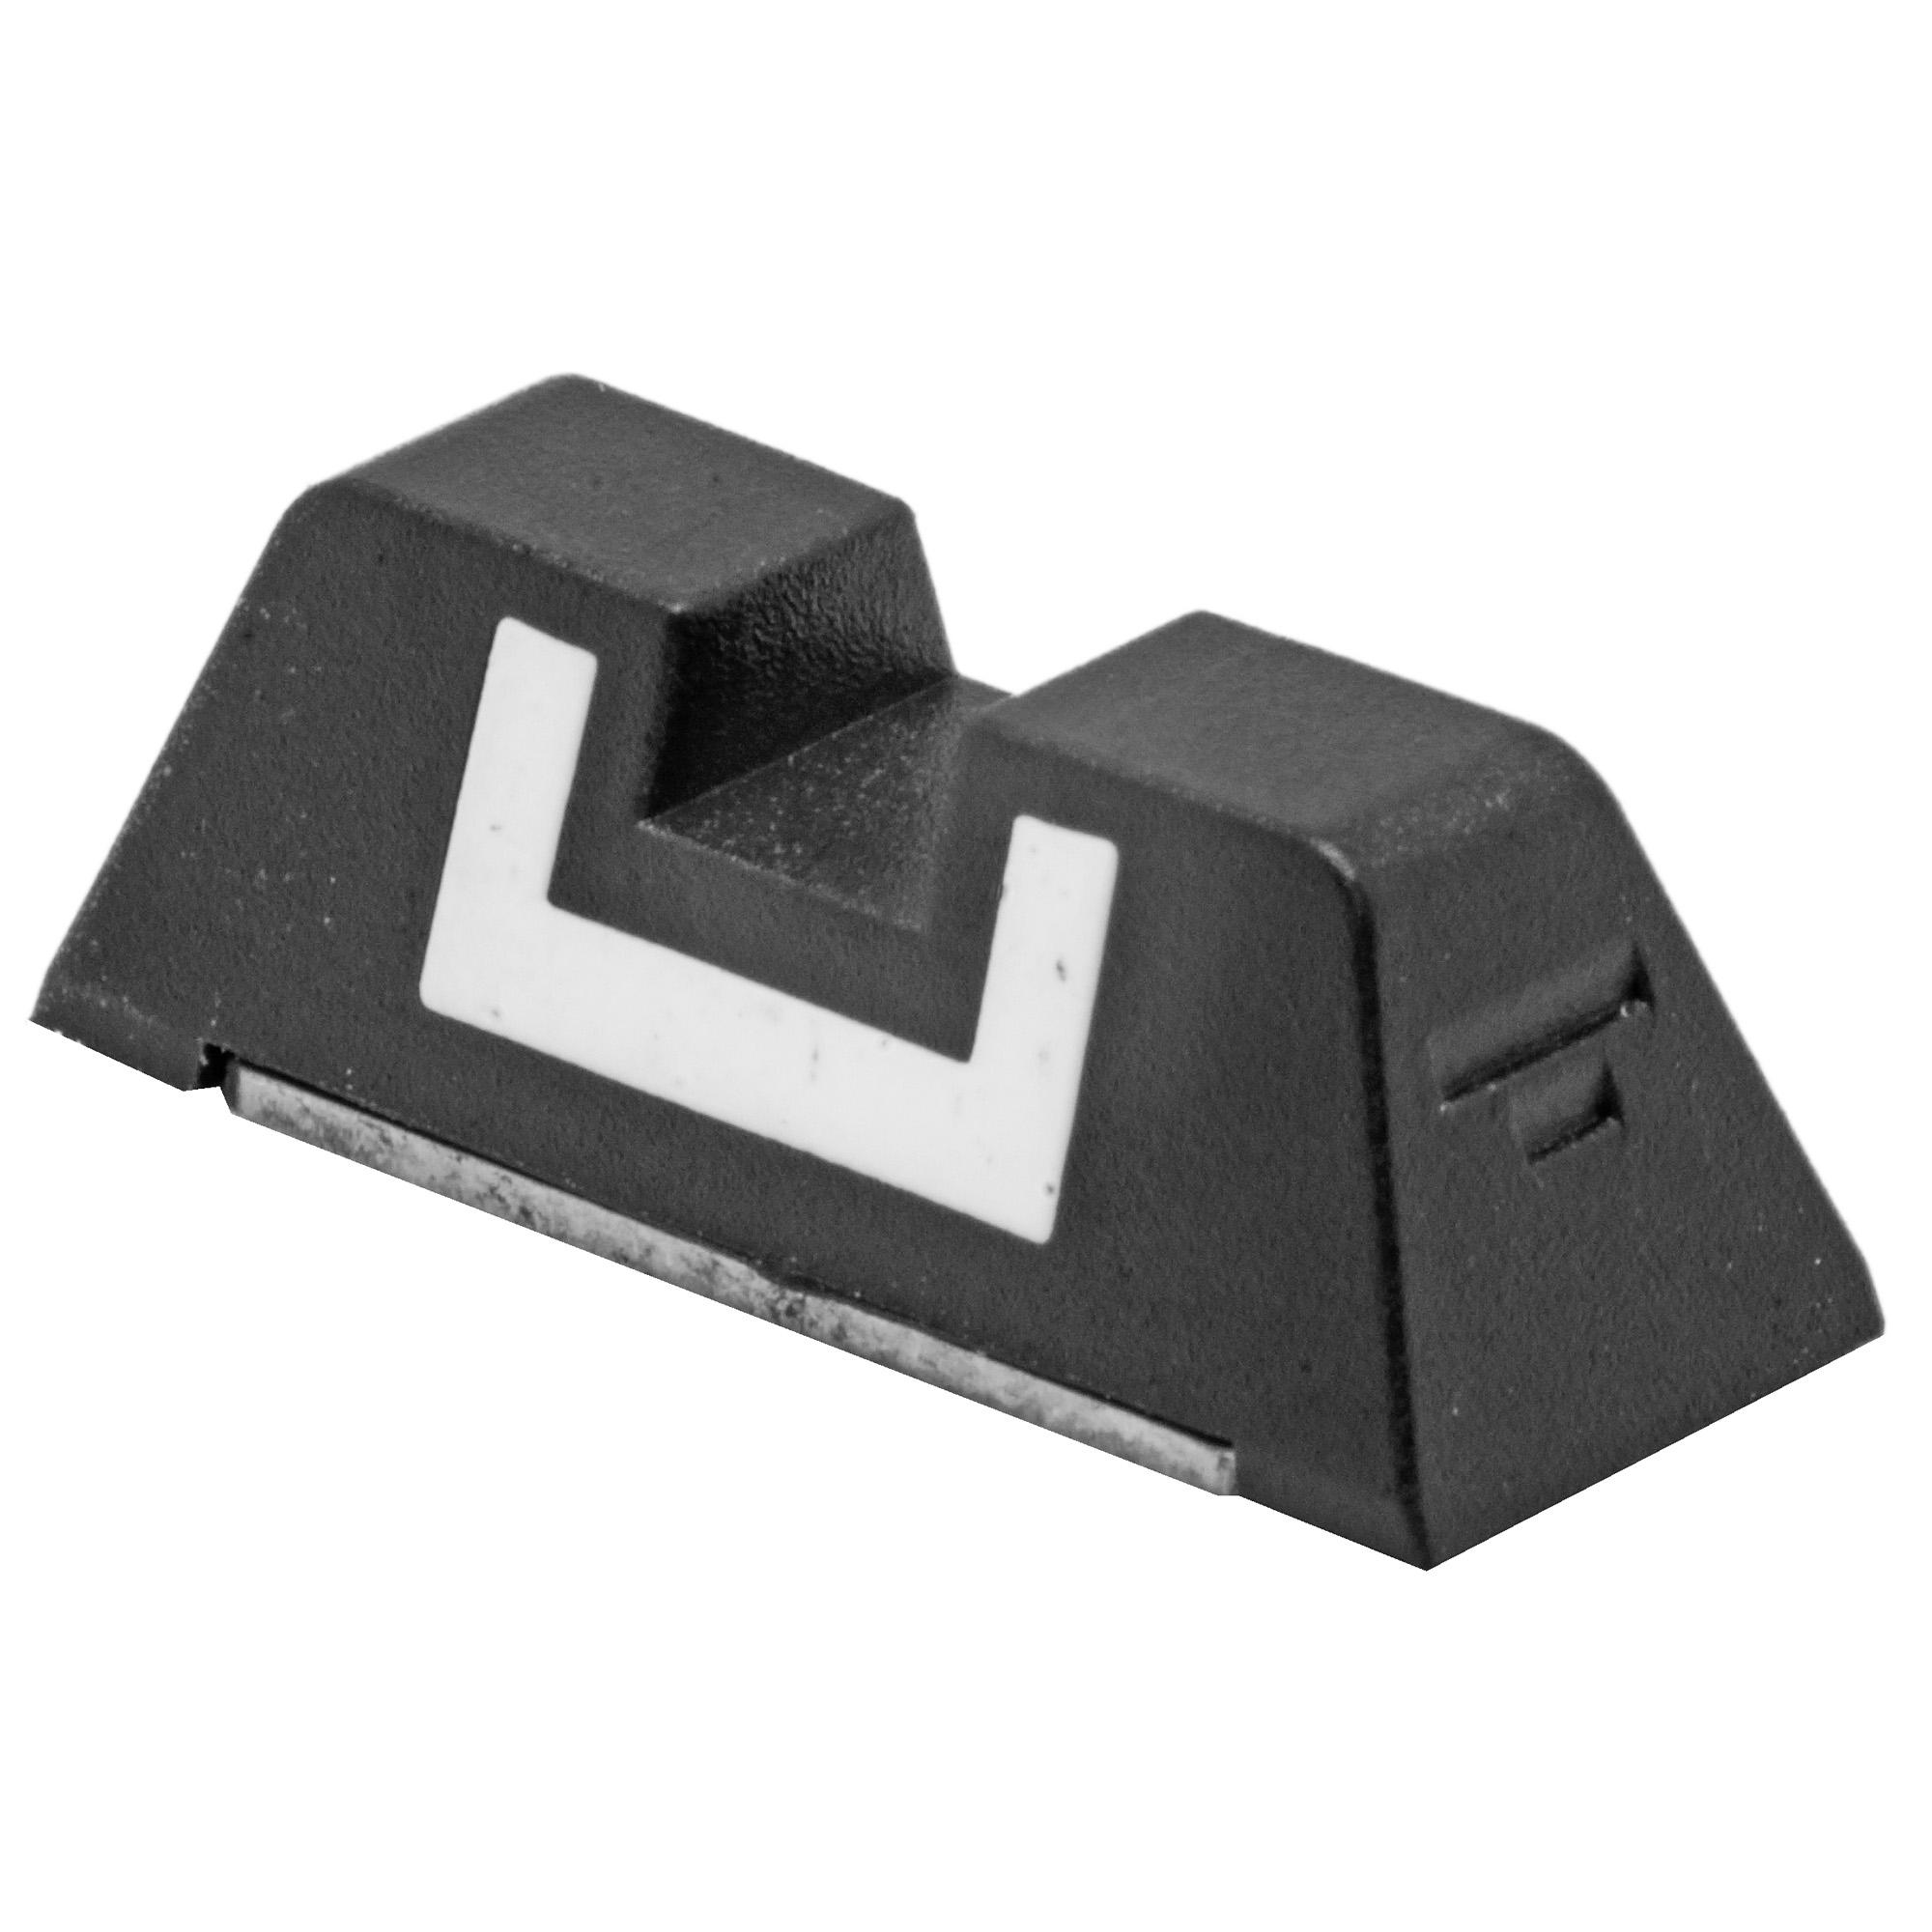 Glock Oem Sight Poly Fixed Rear 6.1